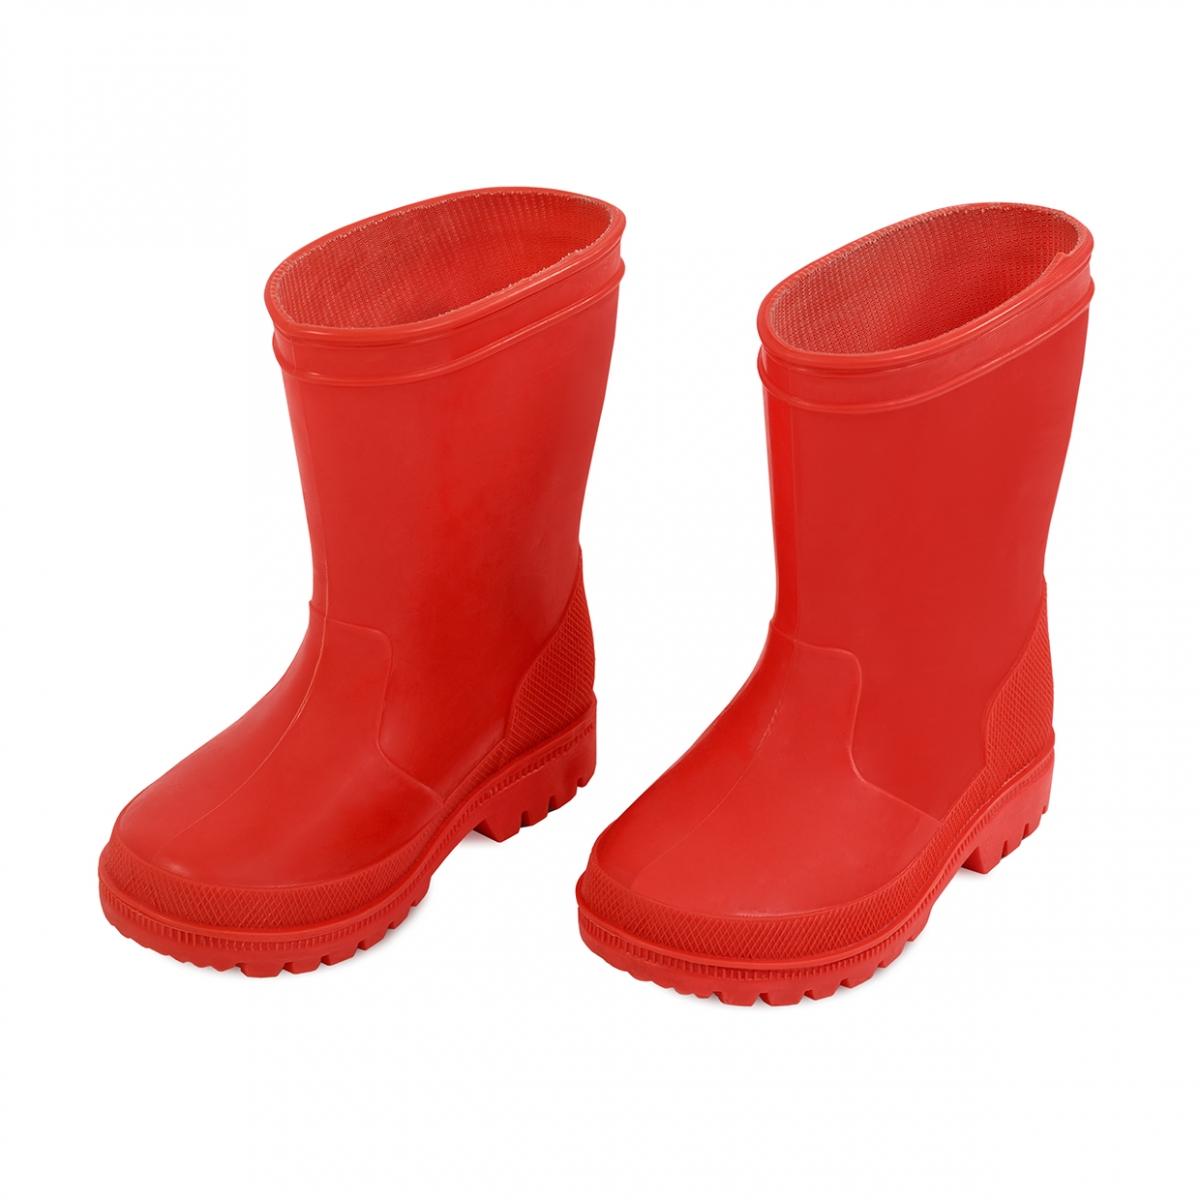 Imagen en la que se ve un par de botas de agua